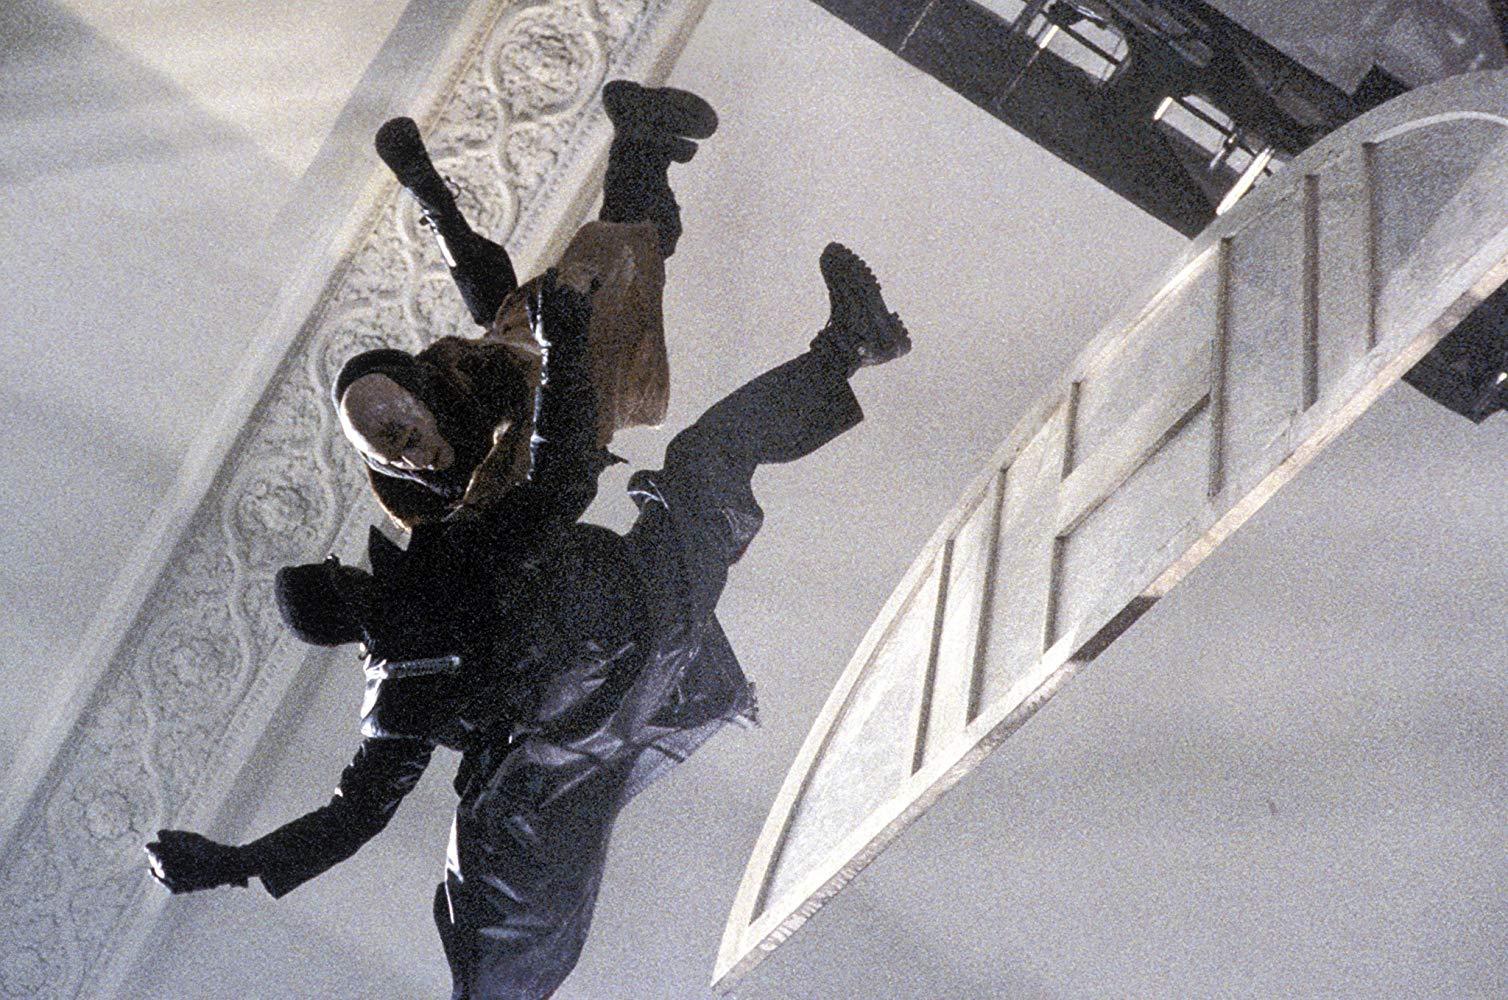 فيلم Blade II 2002 مترجم